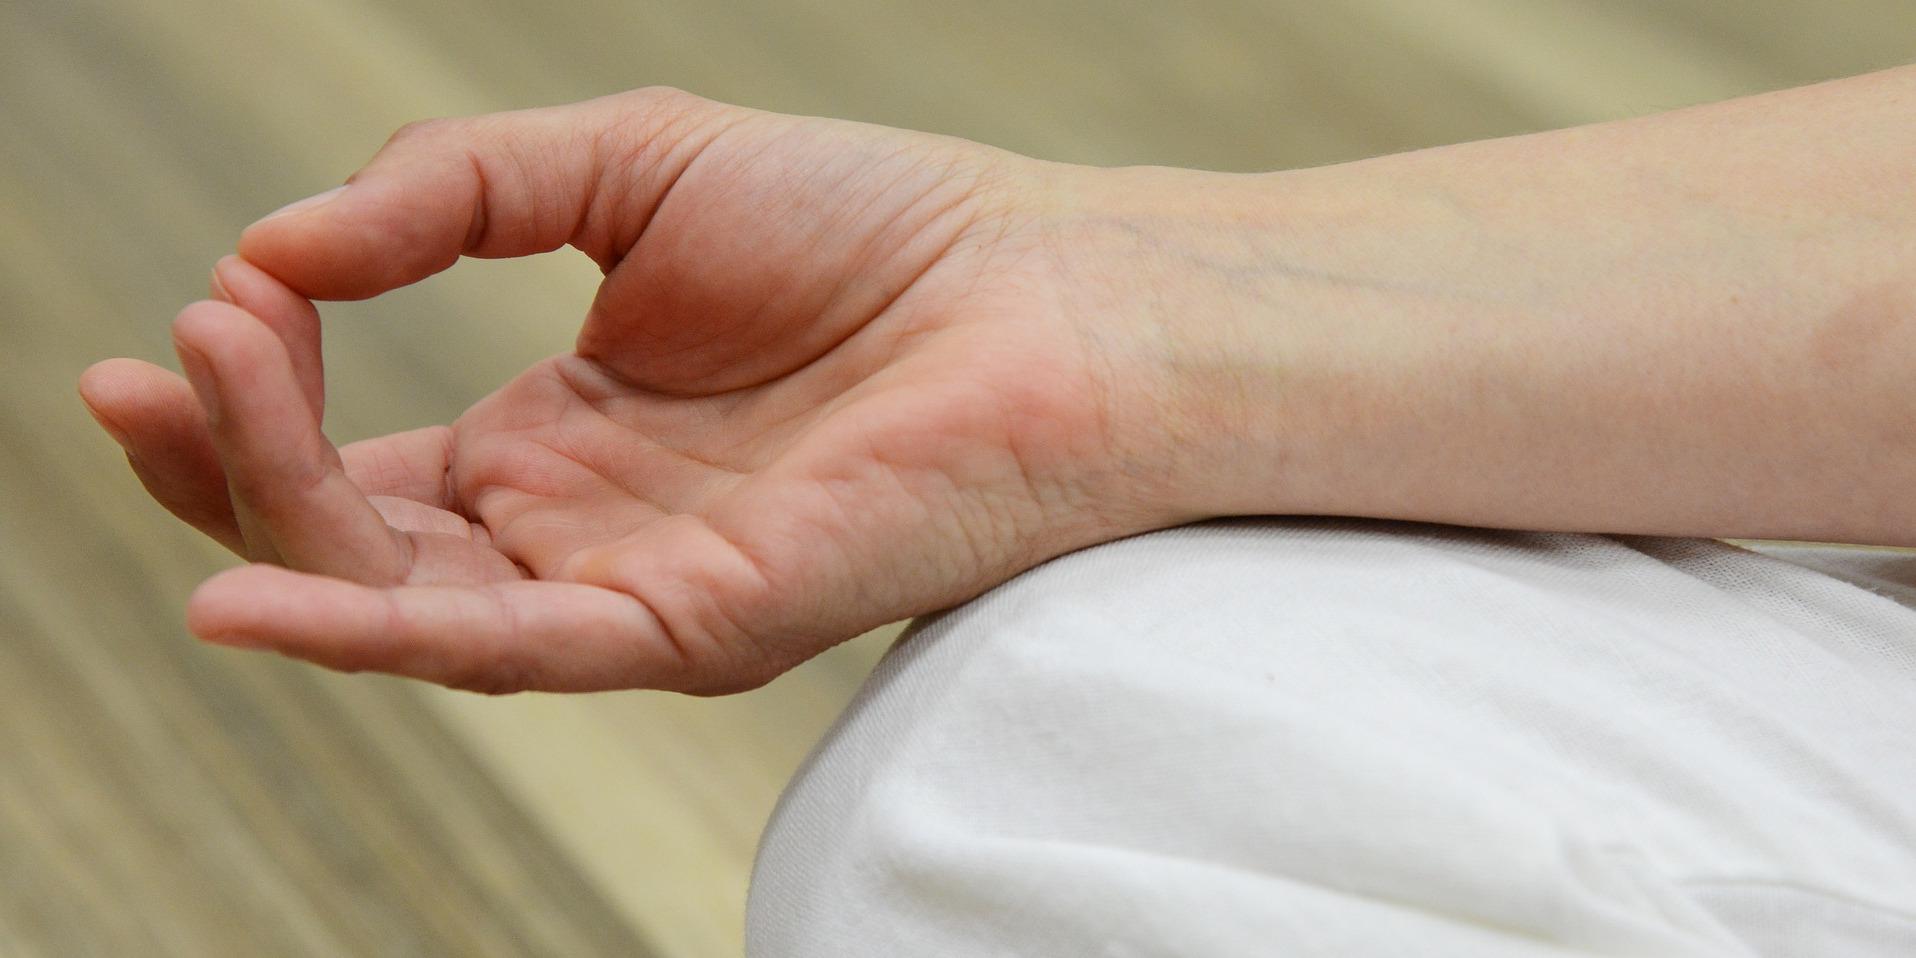 Einführung in die Meditation mit Schwerpunkt Herzensgebet